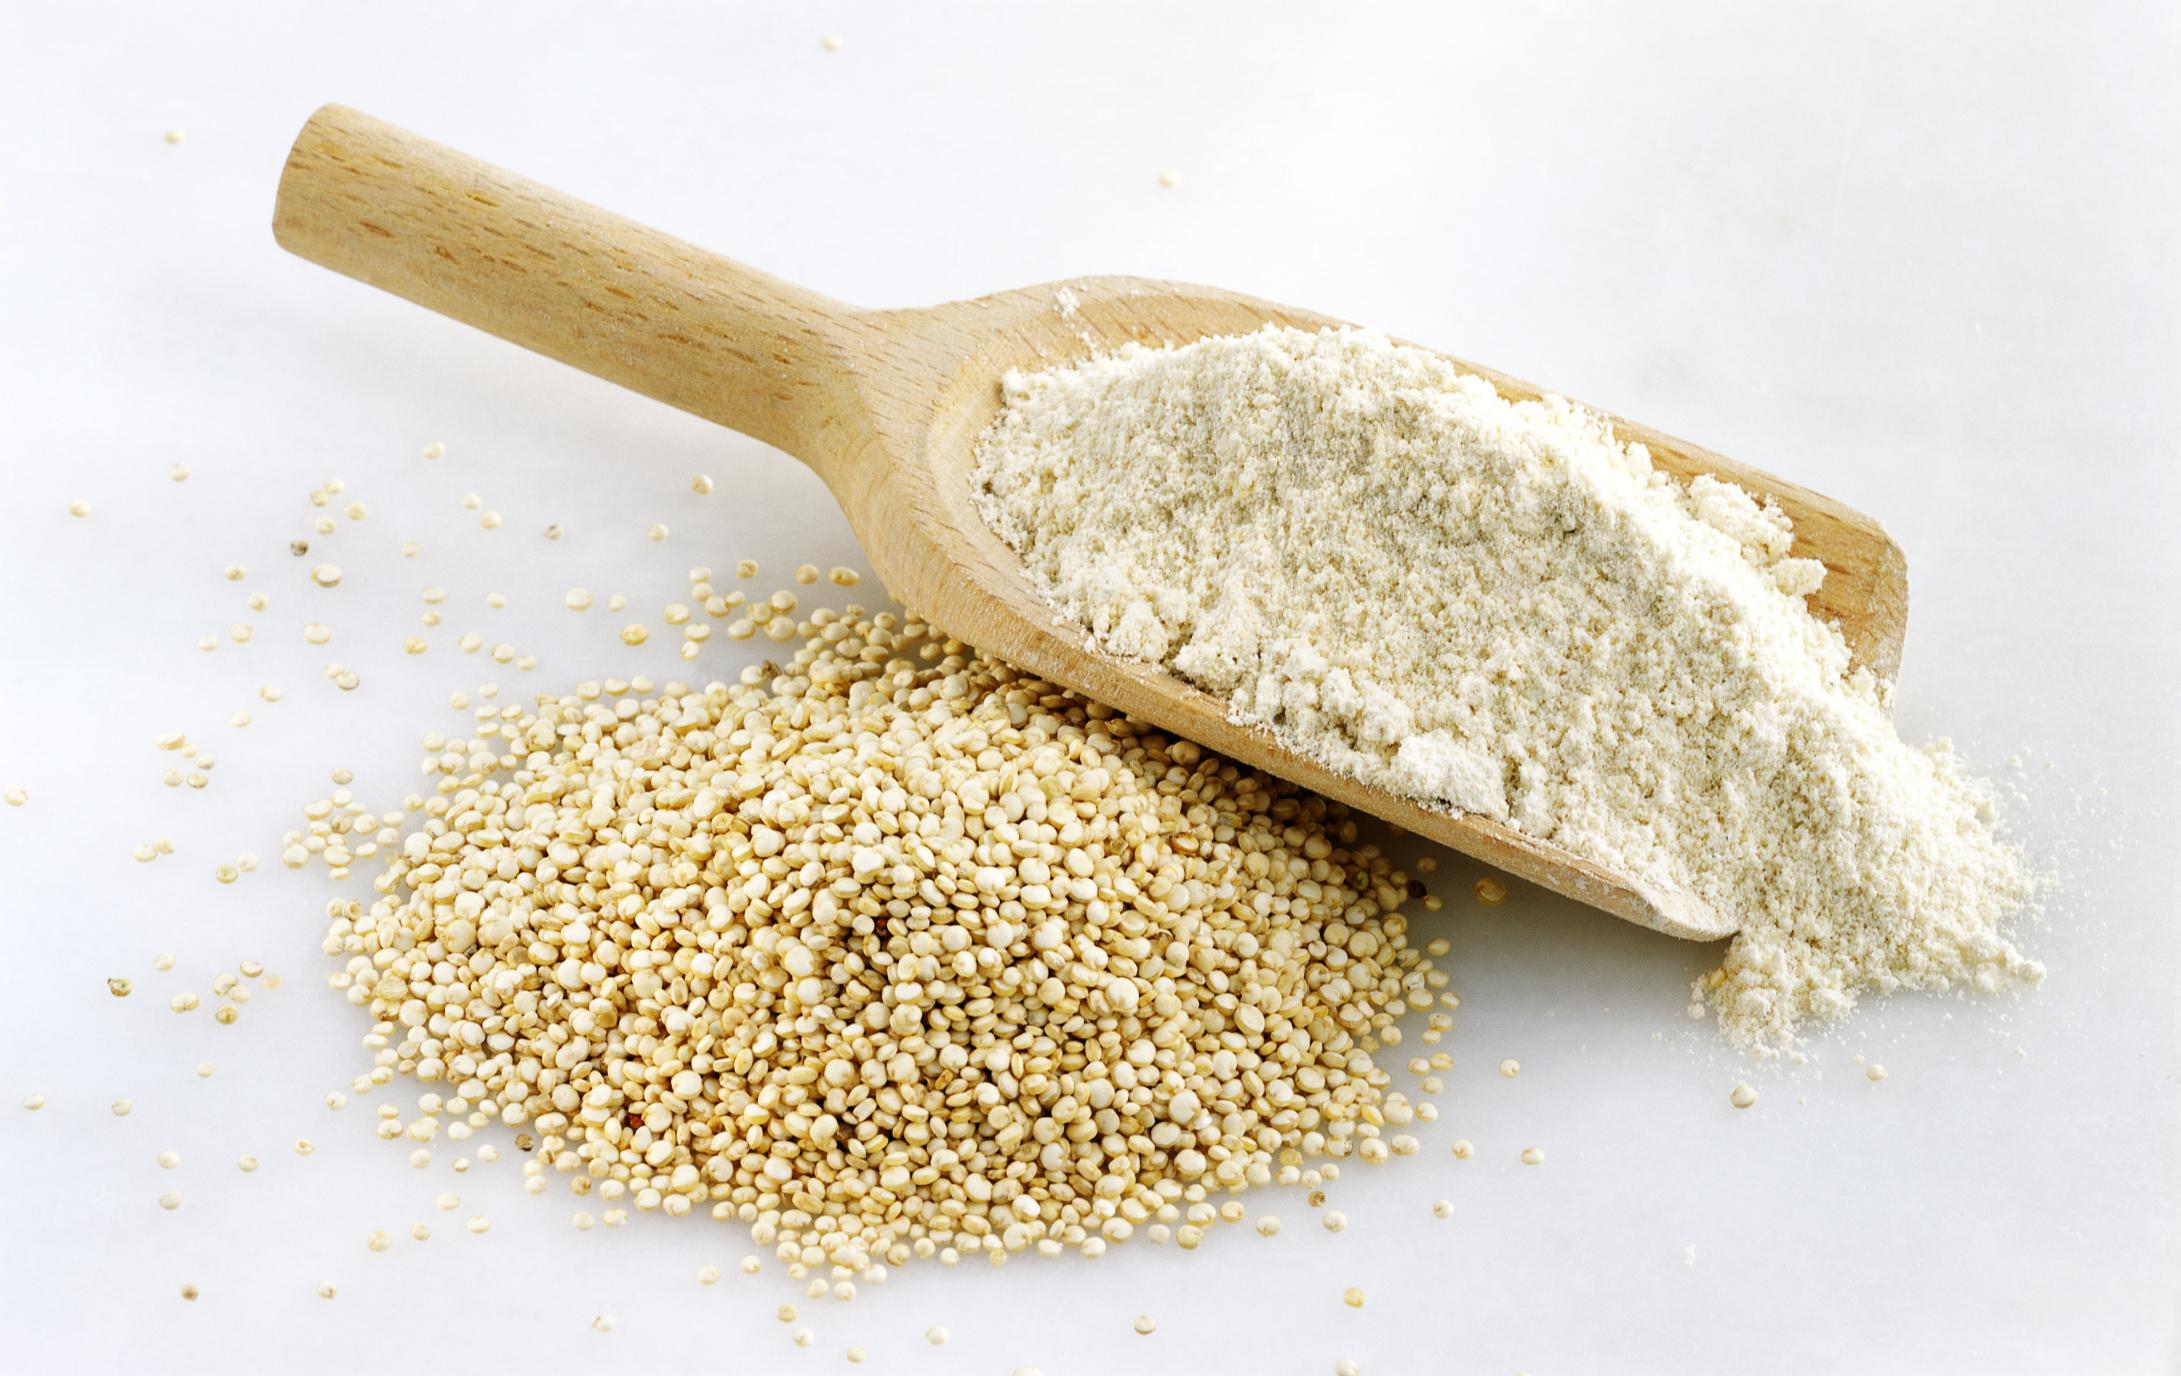 Organic flour - quinoa 1kg - Farm Fresh Organics